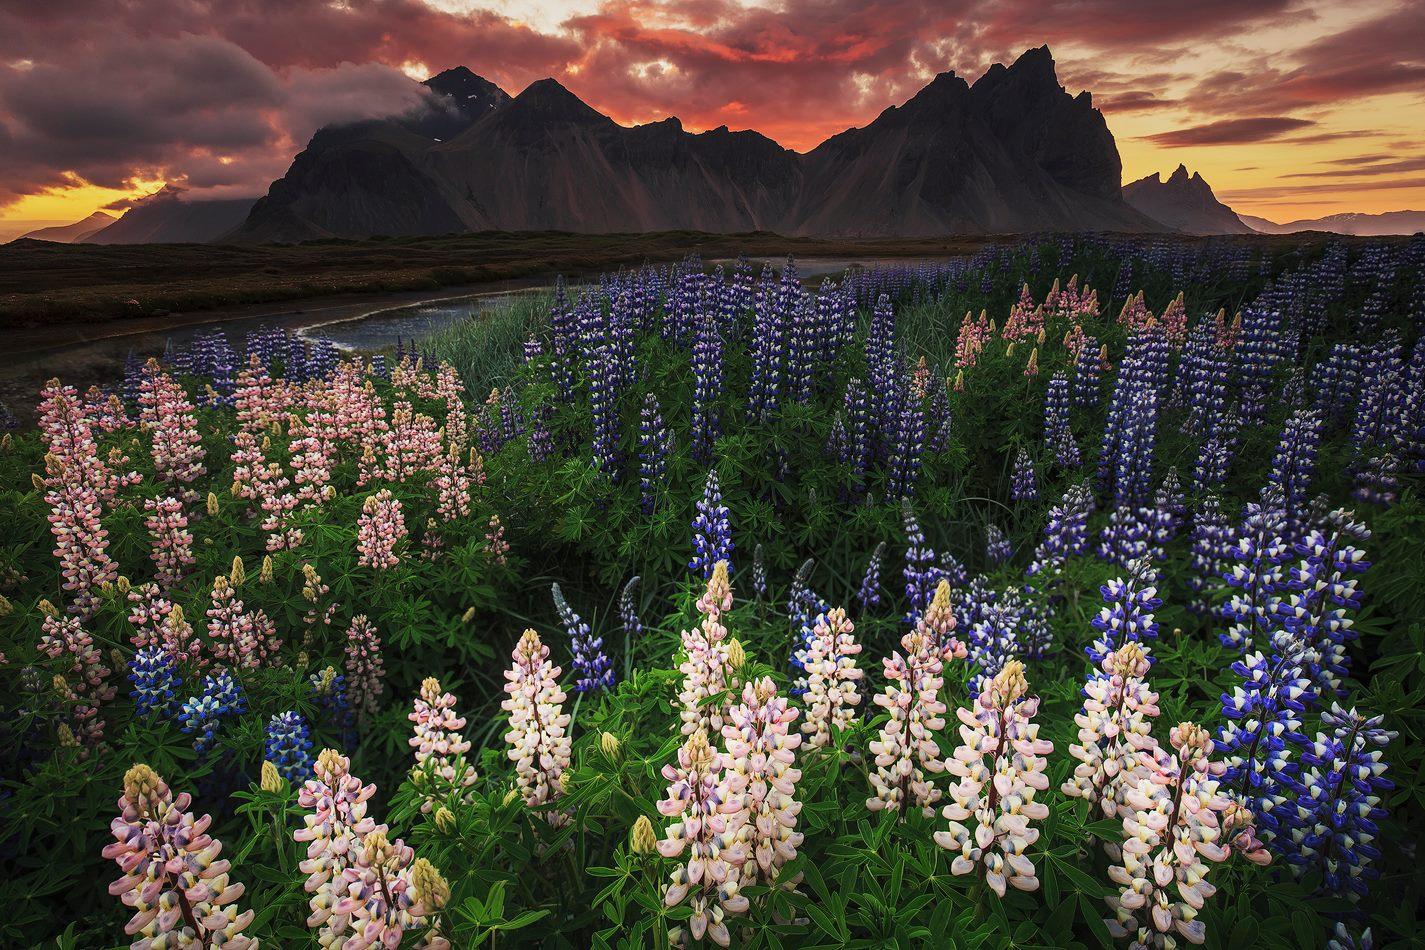 冰岛夏日才有的鲁冰花与西角山(Vestrahorn)相映成趣